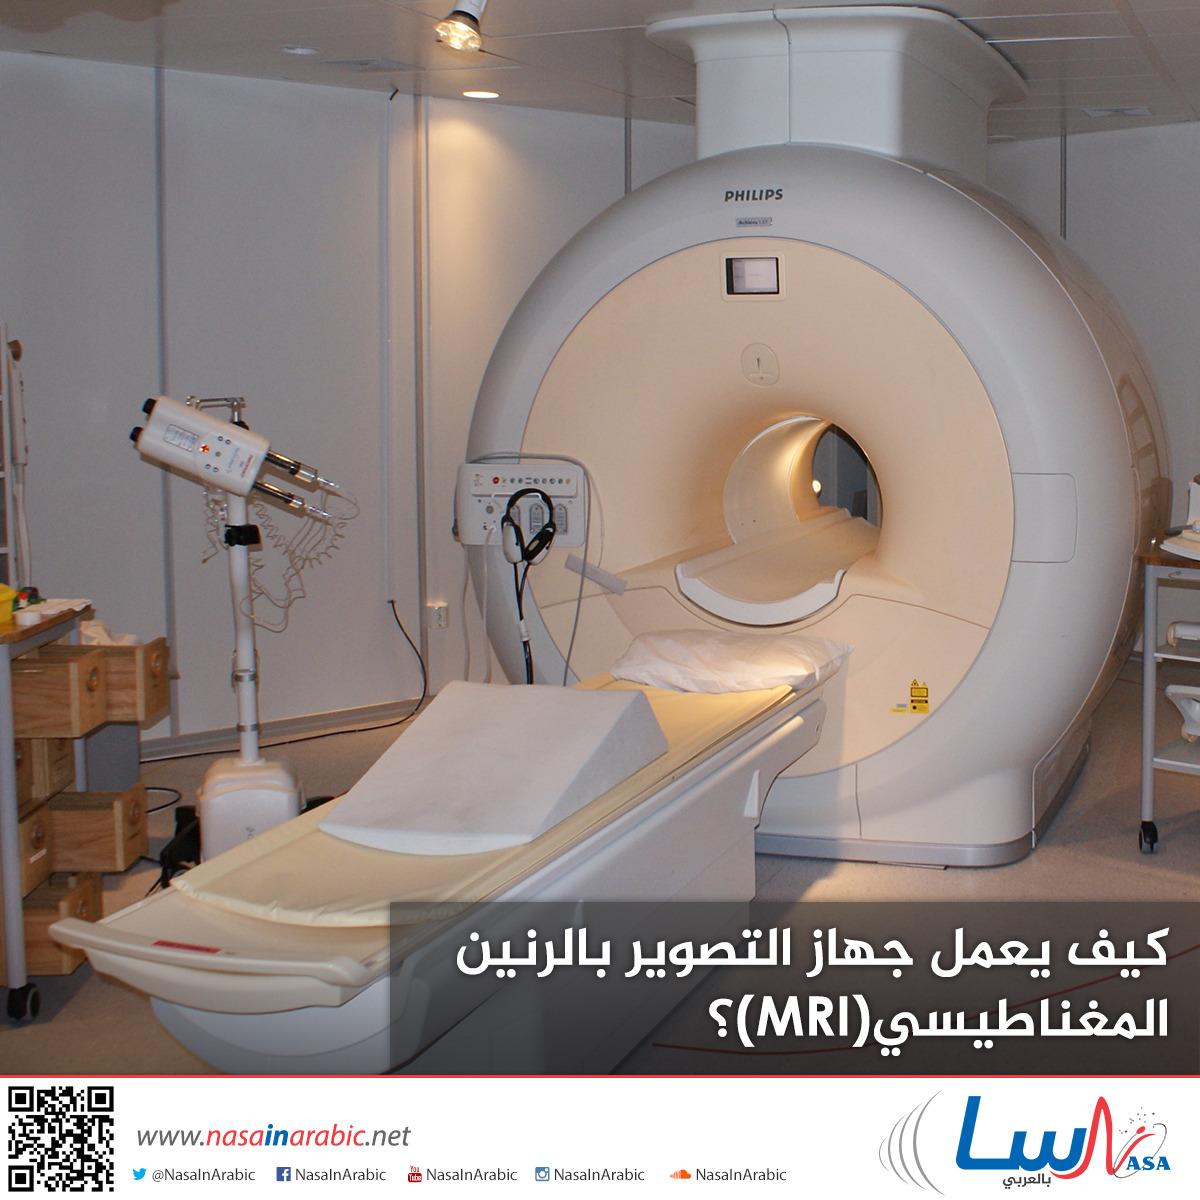 كيف يعمل جهاز التصوير بالرنين المغناطيسي(MRI)؟